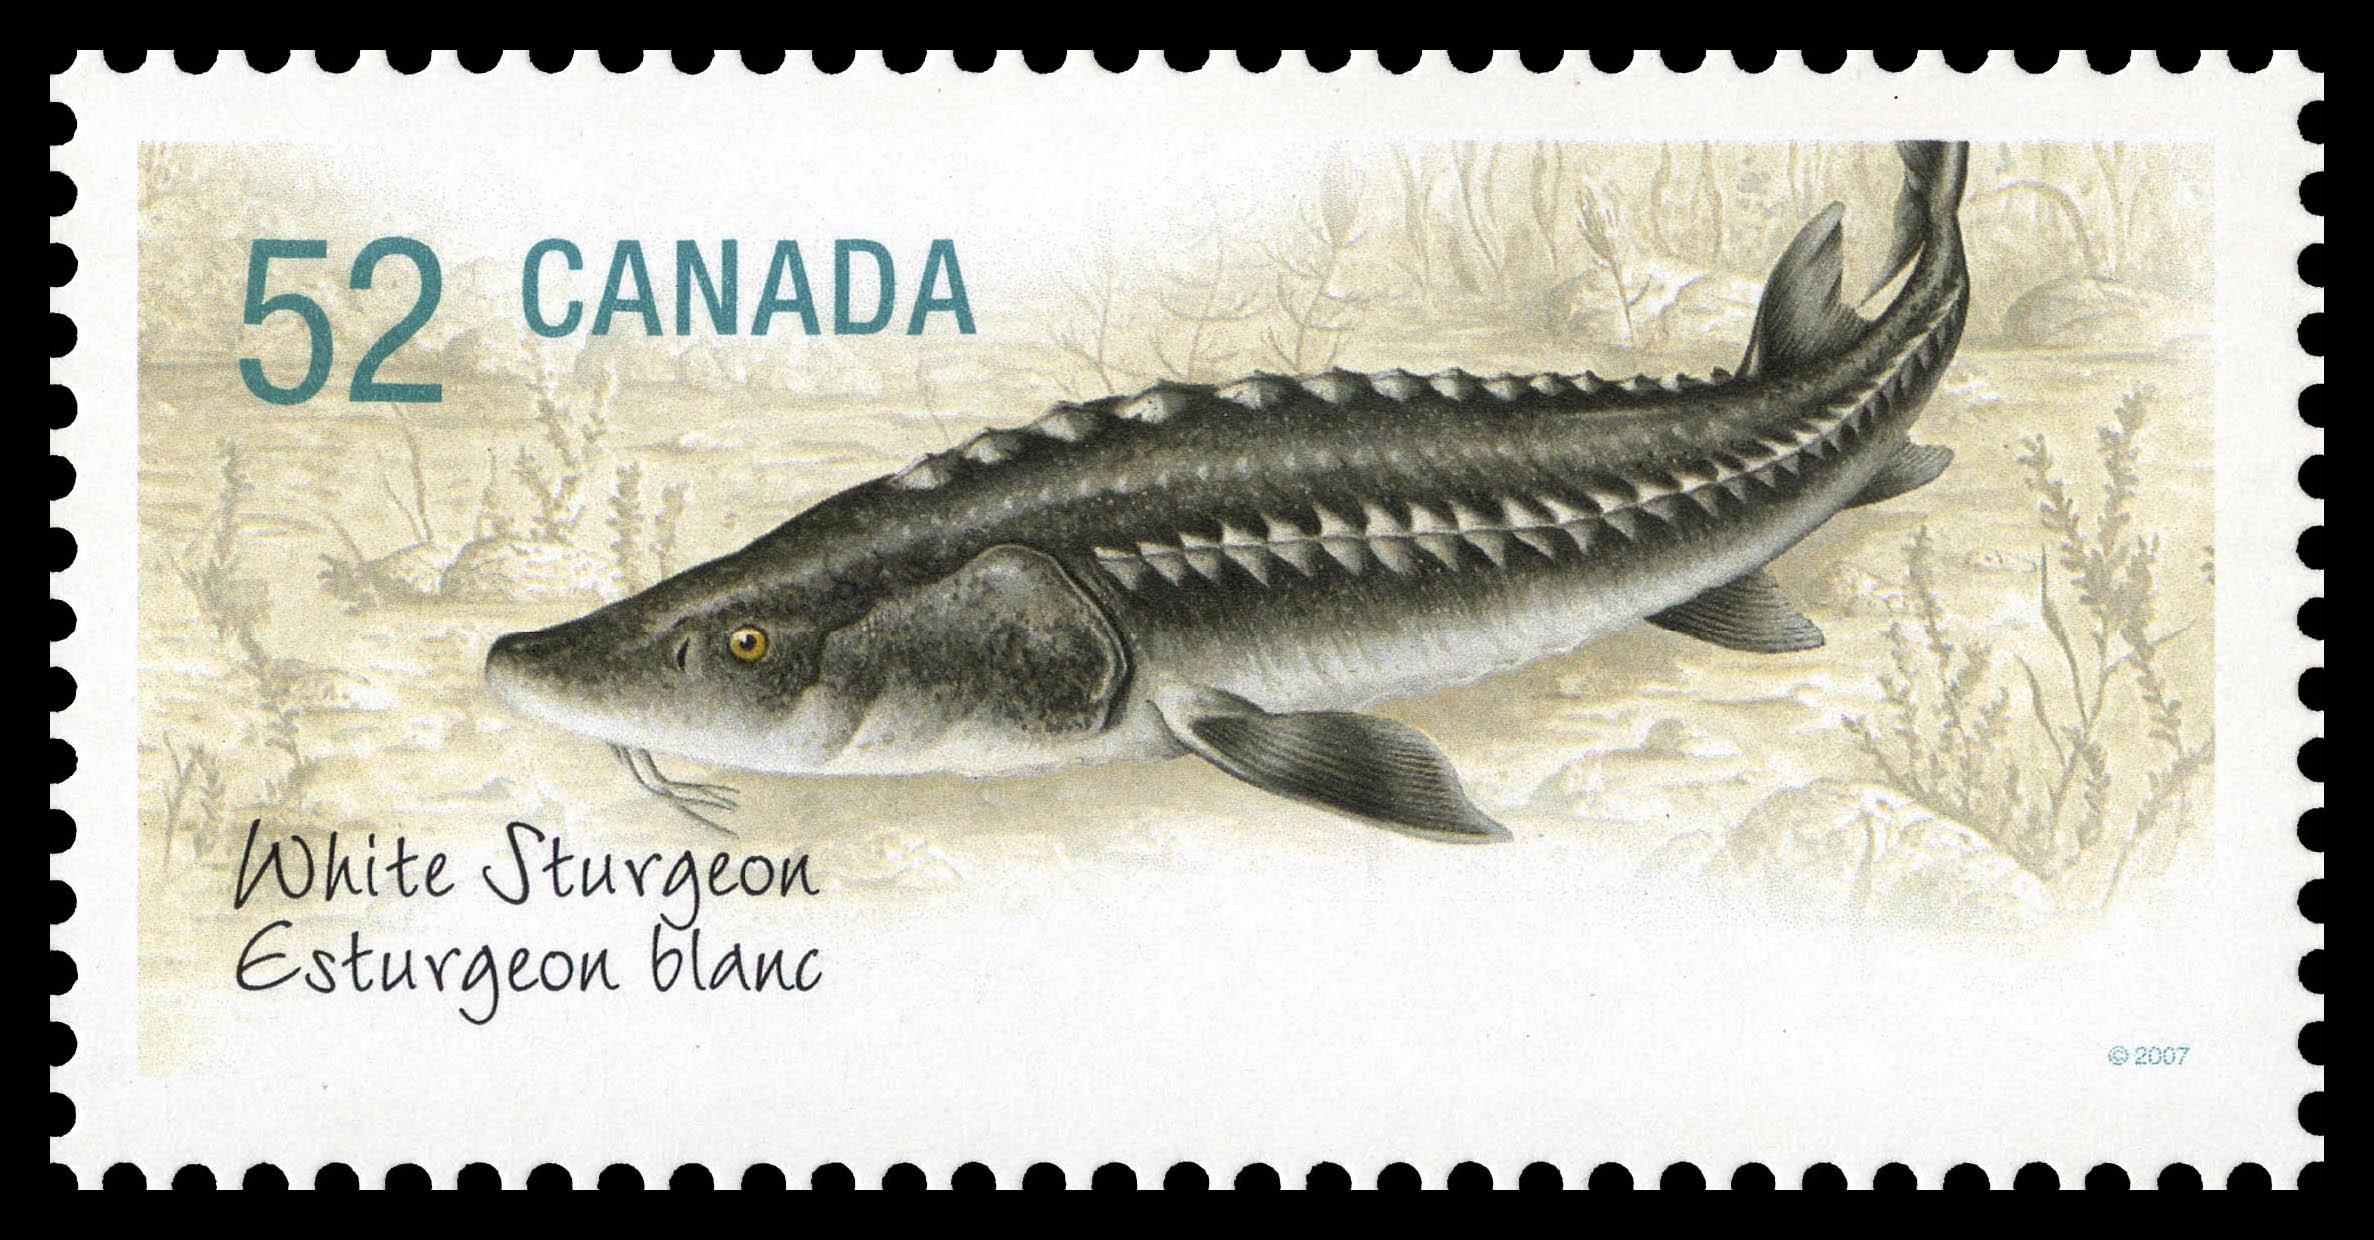 White Sturgeon Canada Postage Stamp | Endangered Species